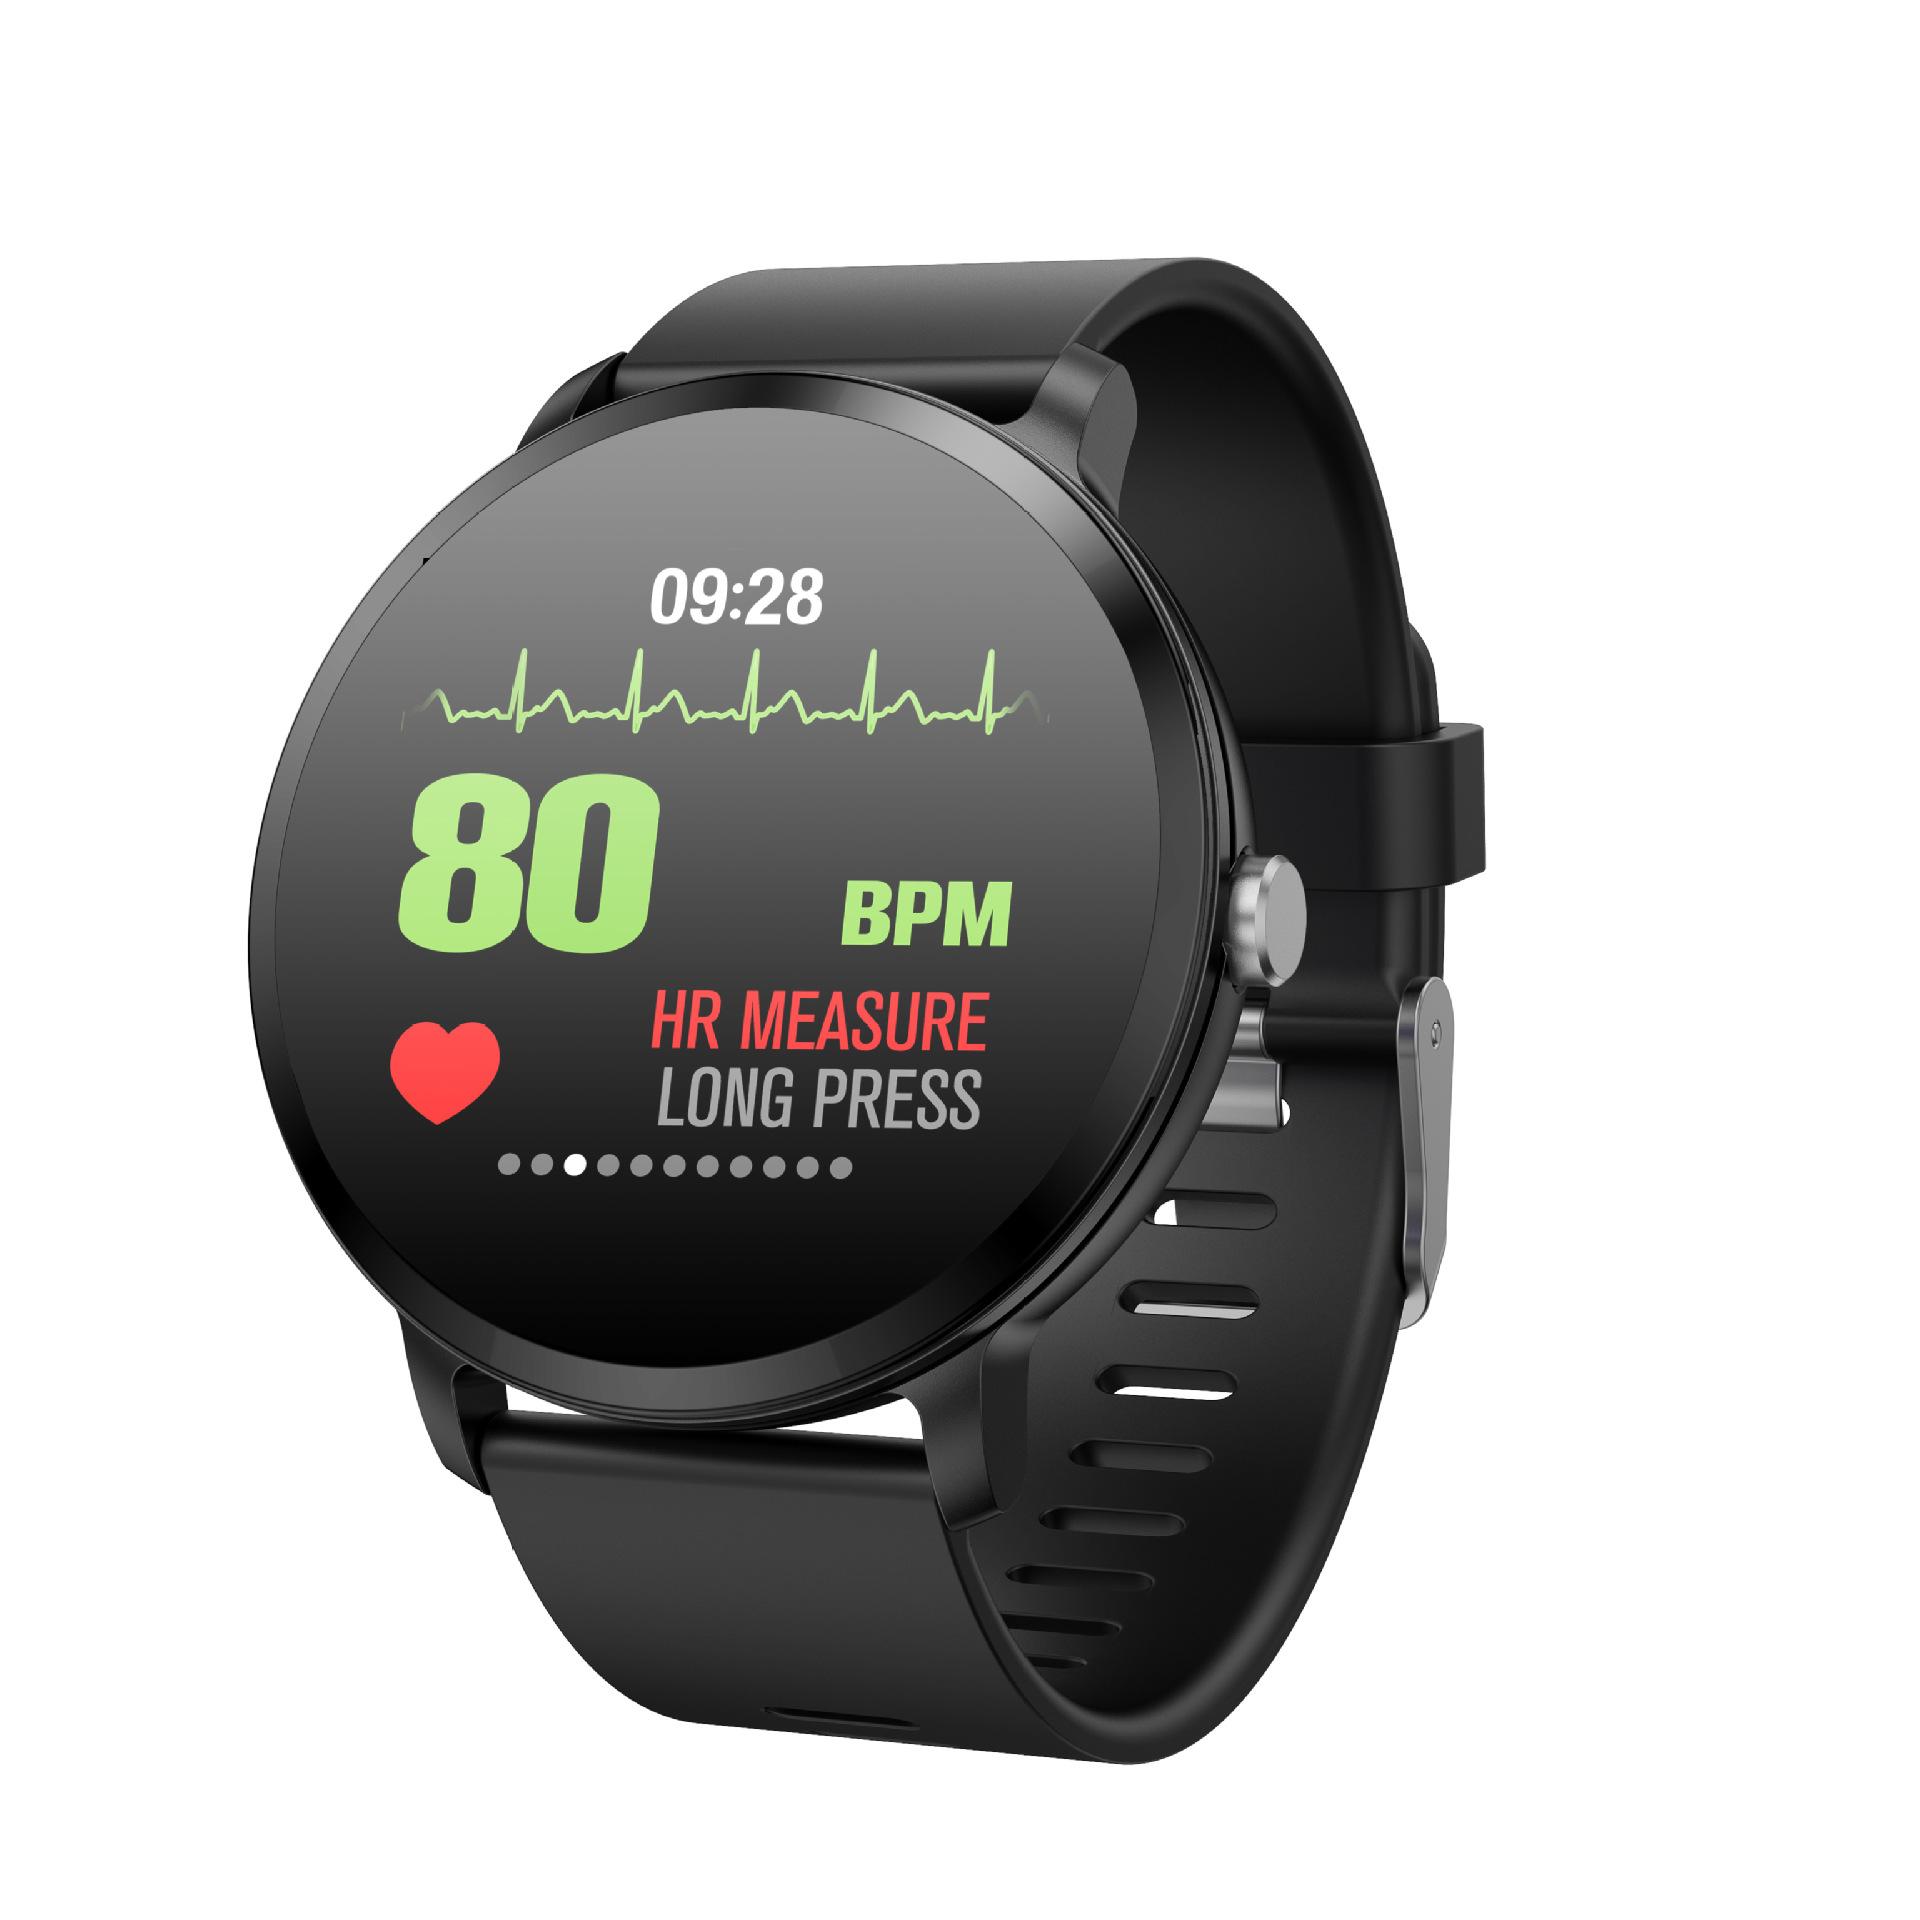 跨境电商爆款私模专利V11智能手表手环1.3寸圆屏彩屏心率运动手环